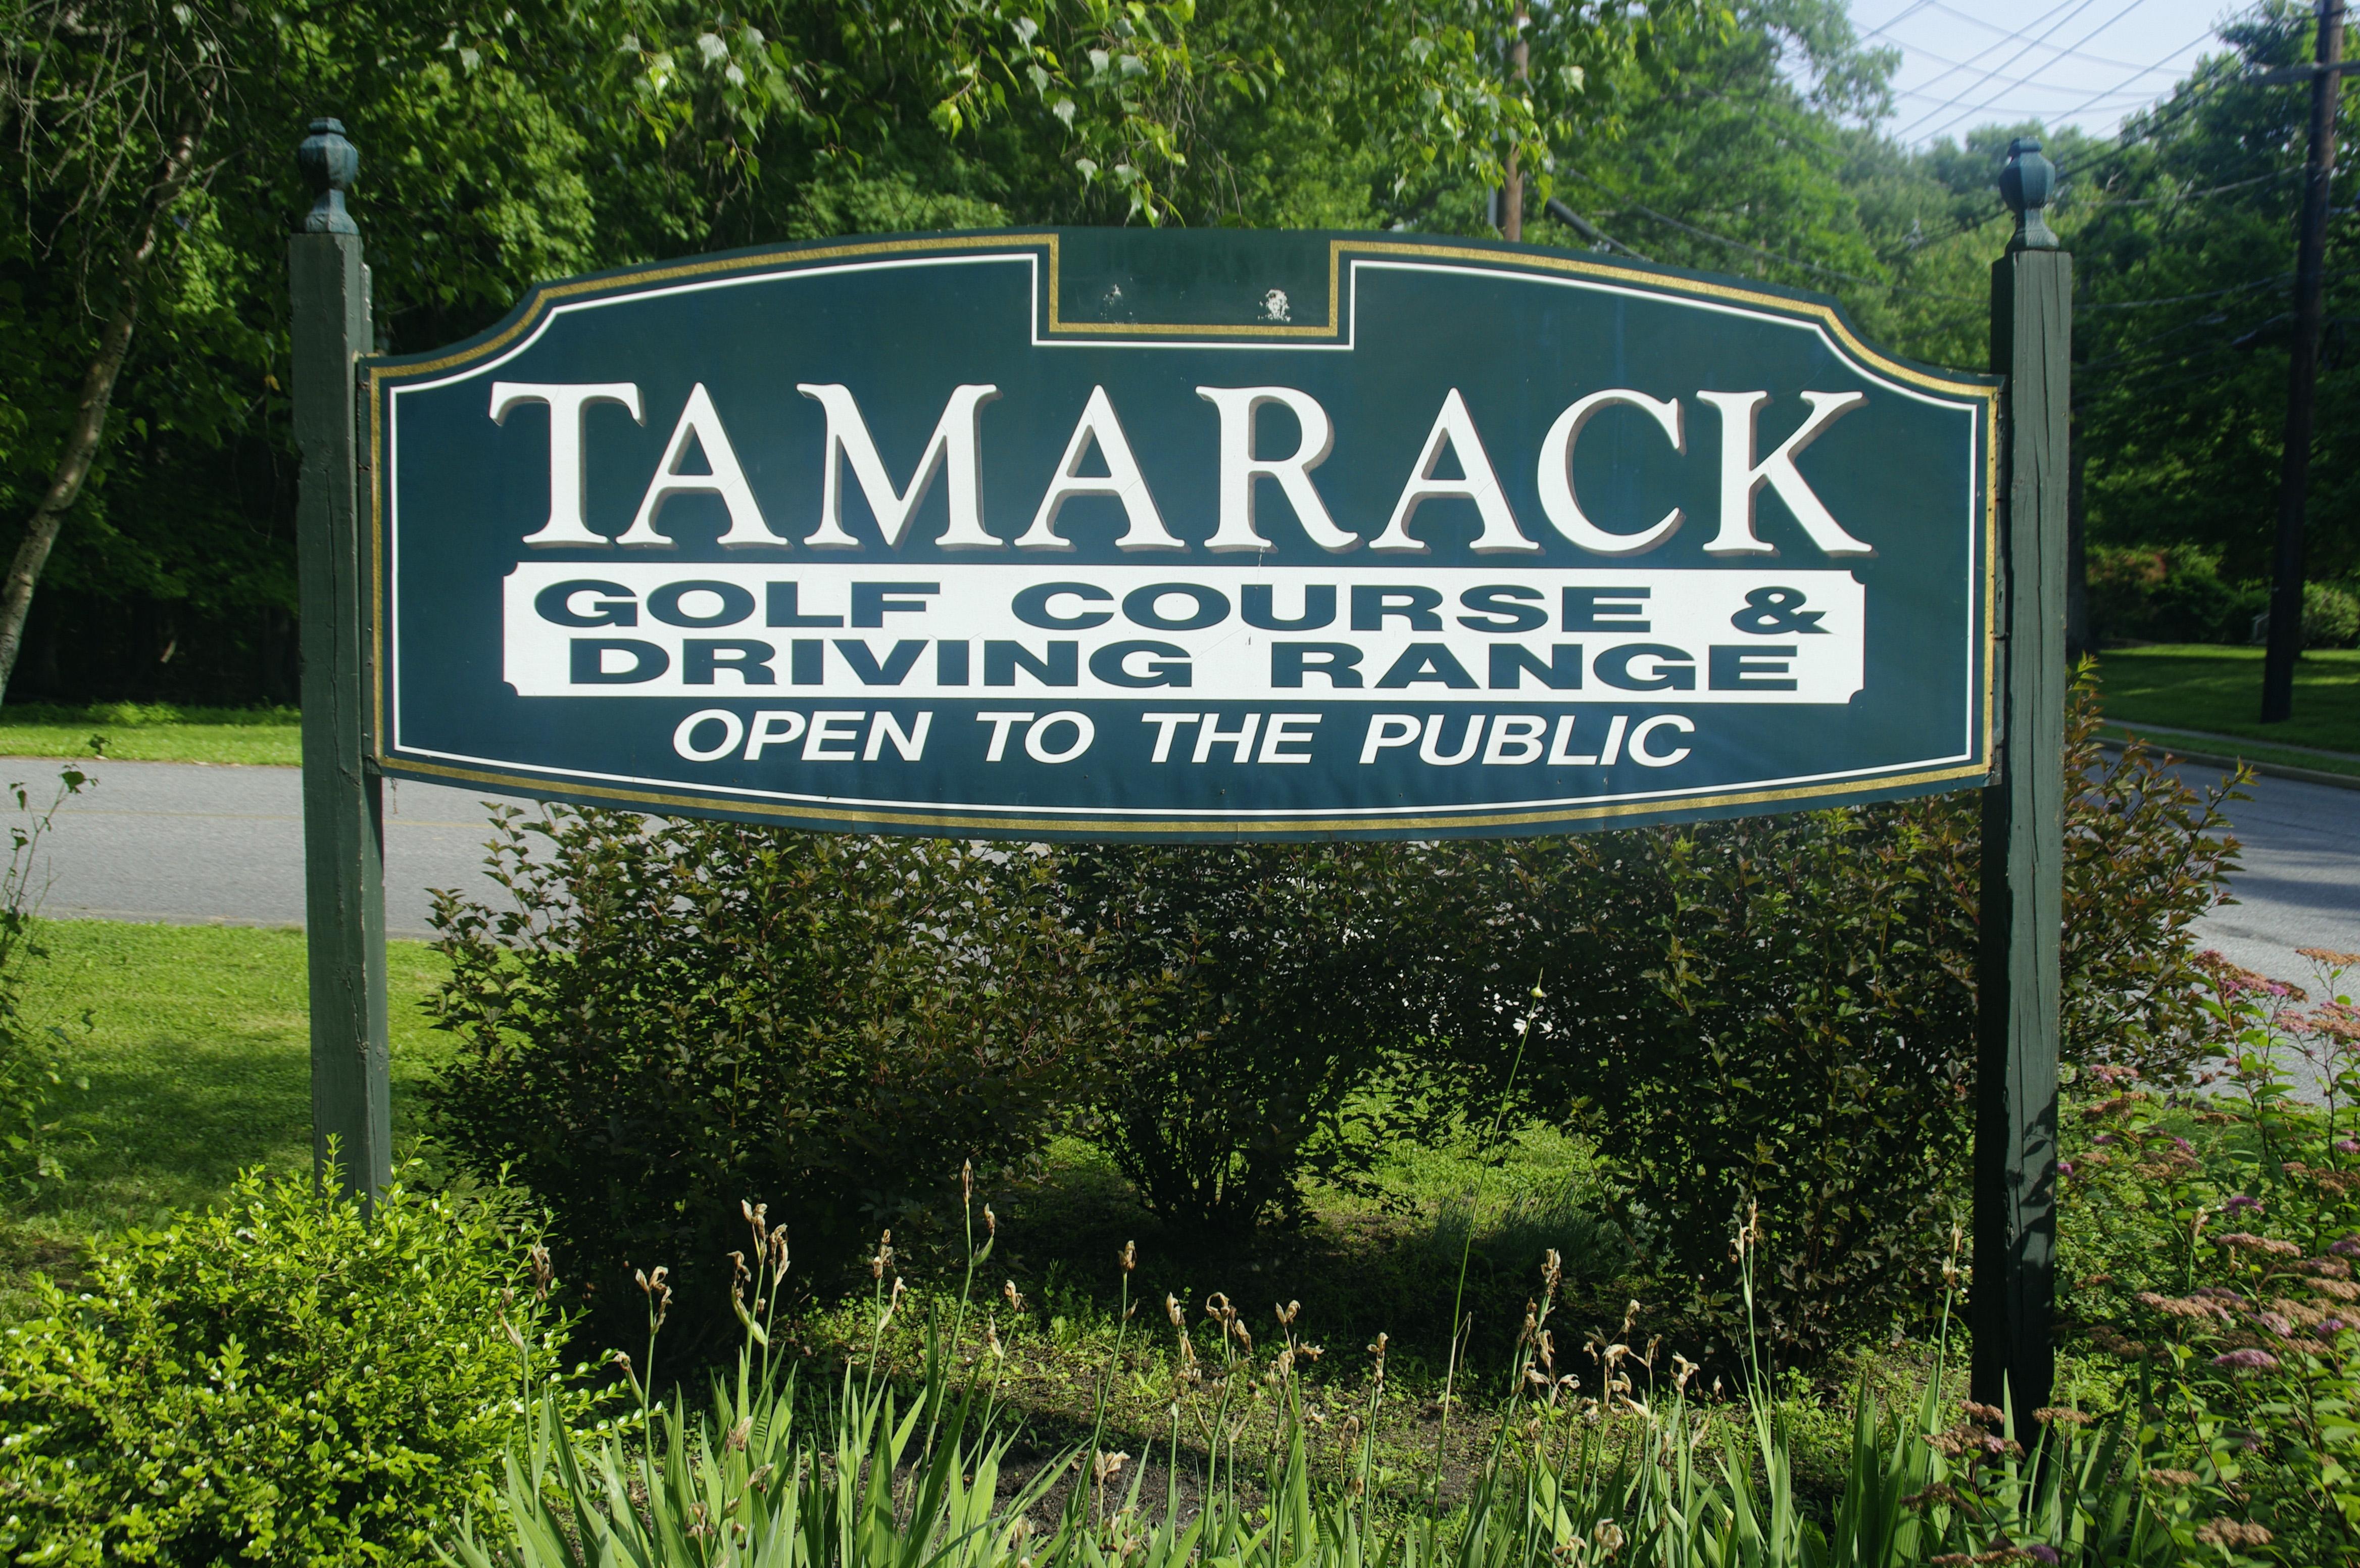 15a66ea302c0bd906575_Tamarack_-_Golf_Course.JPG